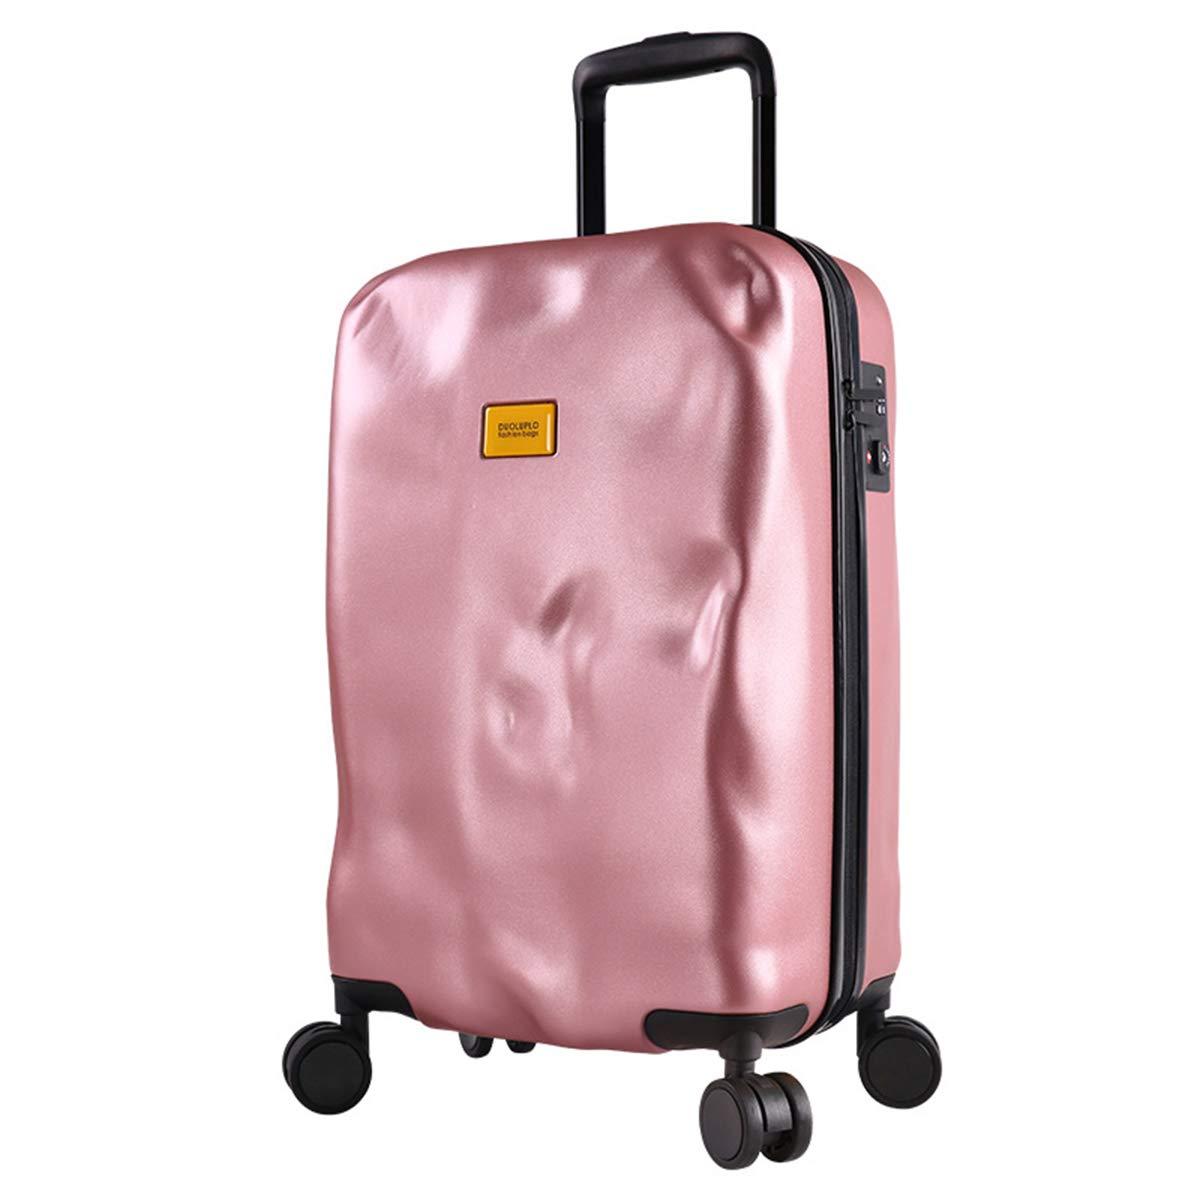 スーツケース、TSA ロックハンドキャビンケース20インチ24inch と28インチ利用可能な荷物ライトウェイトスピナー,rose,28inches B07Q27N725 rose 28inches